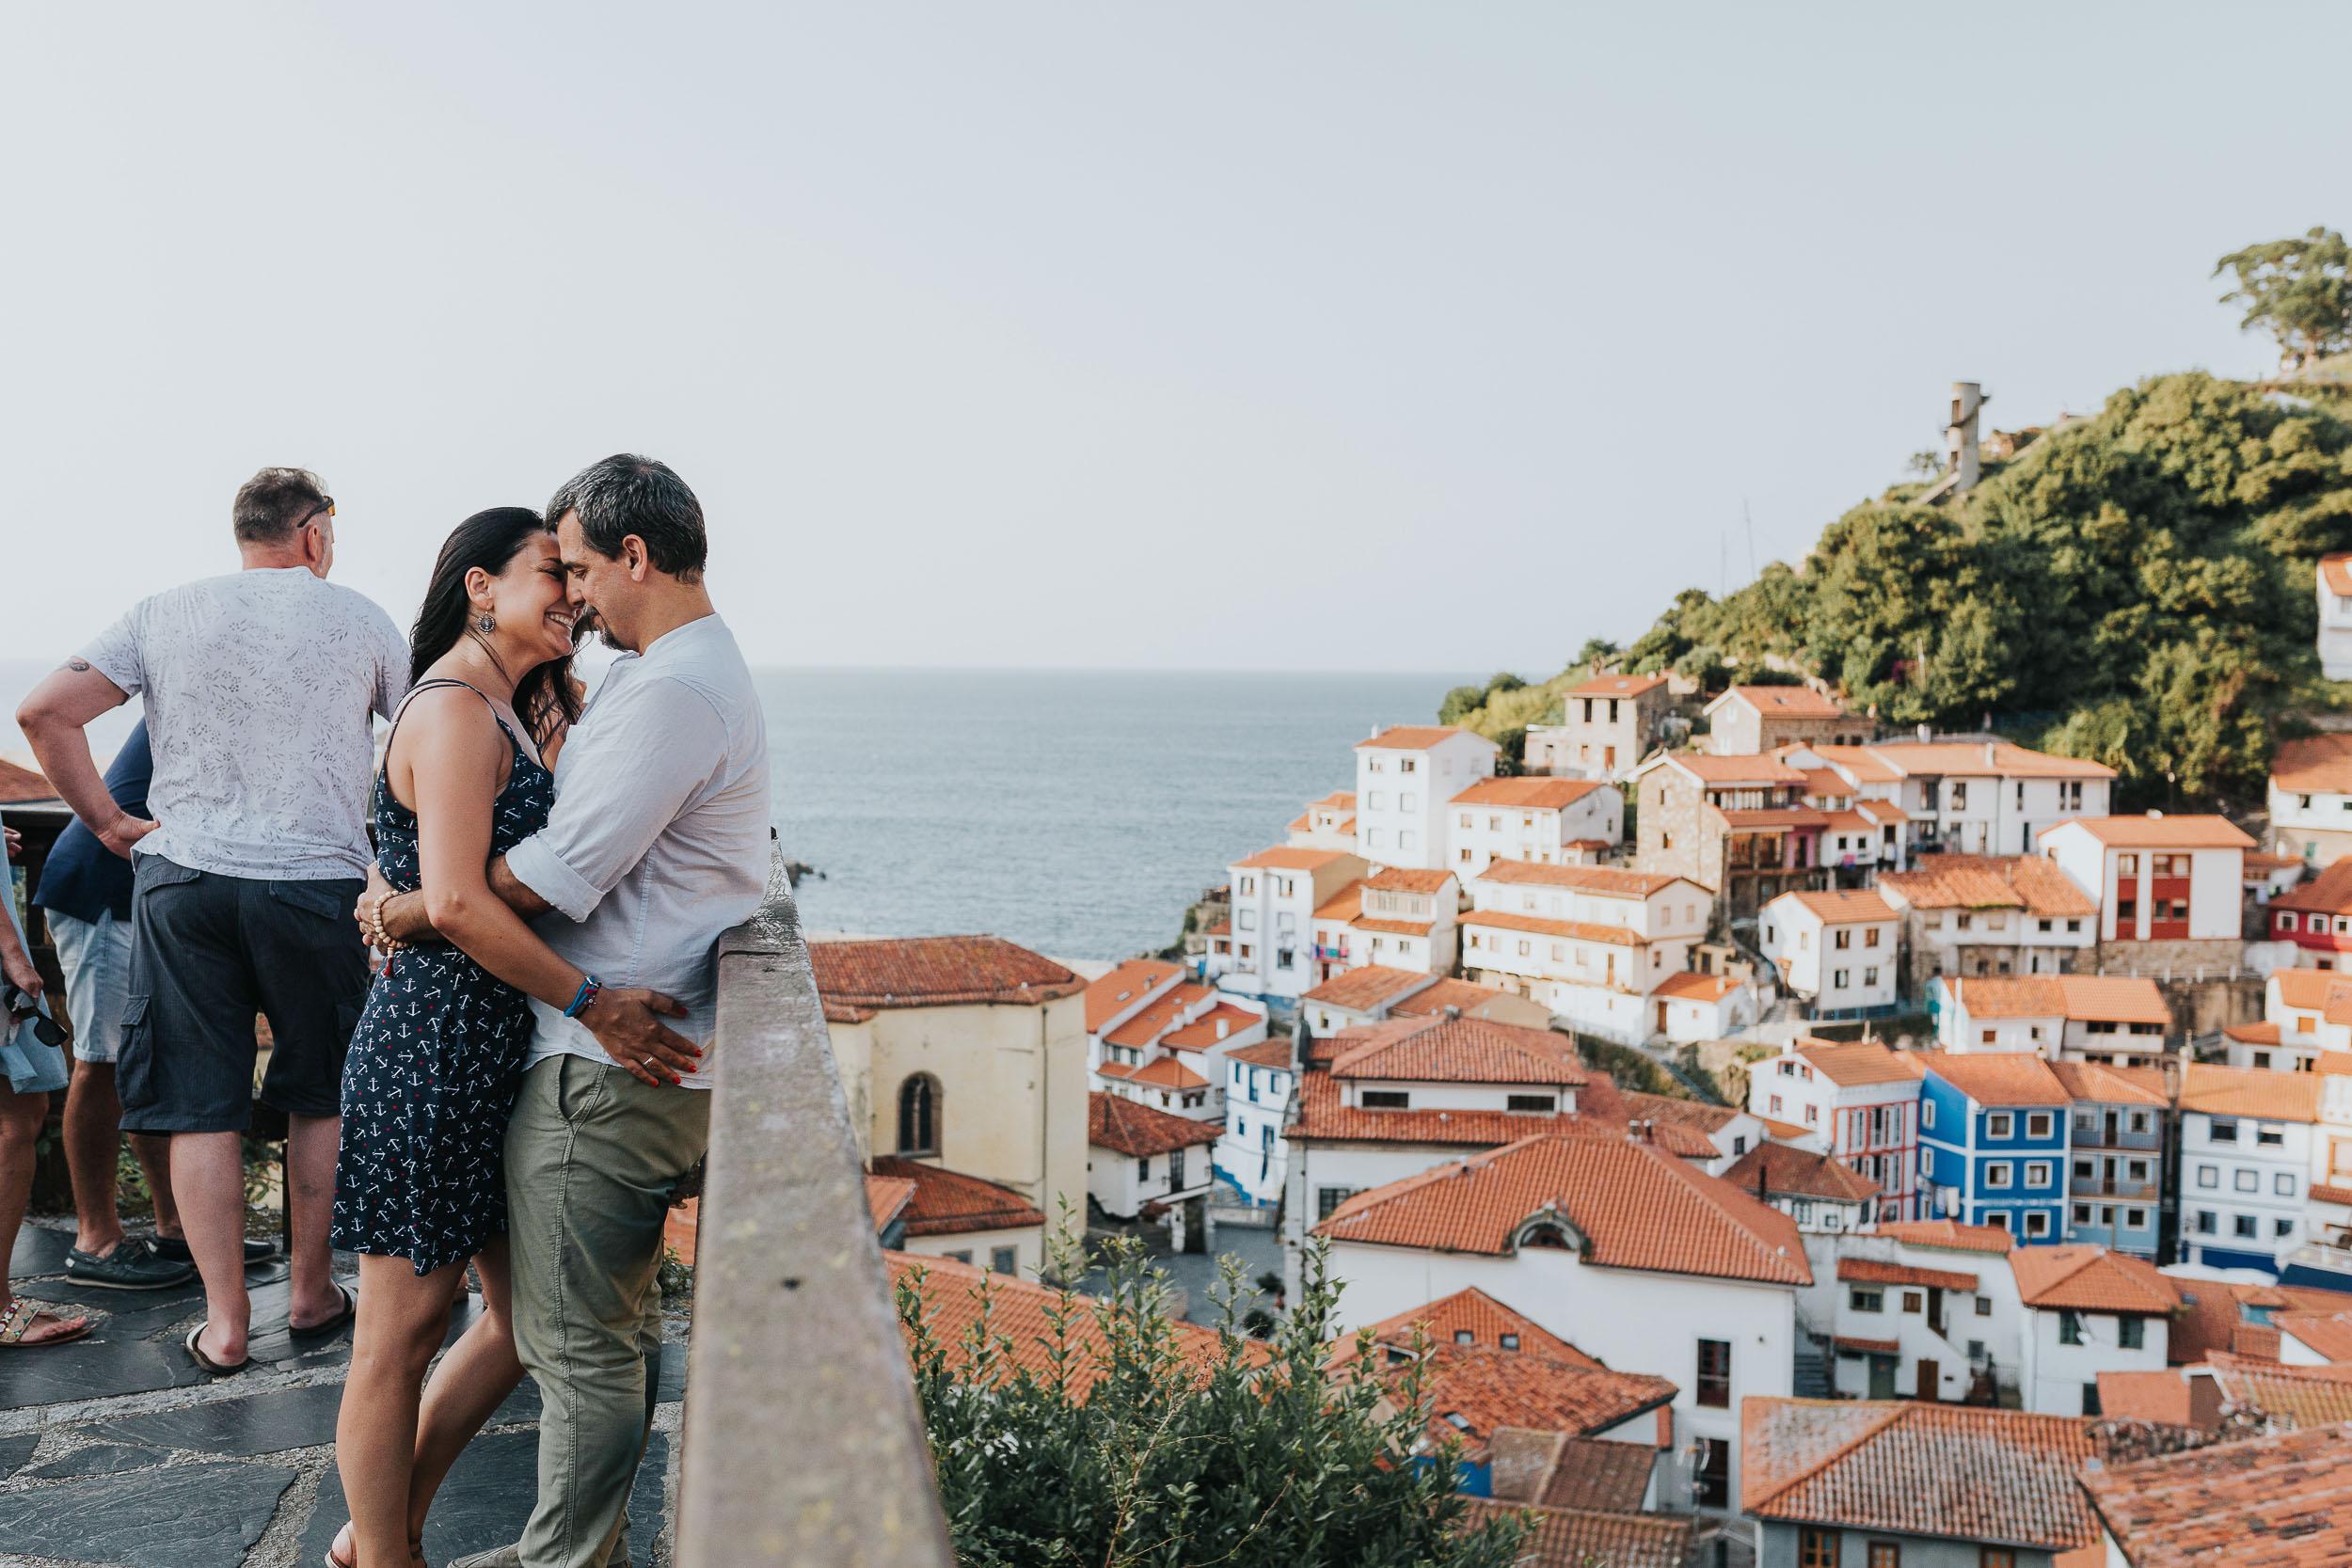 fotografo-bodas-asturias-235159.JPG